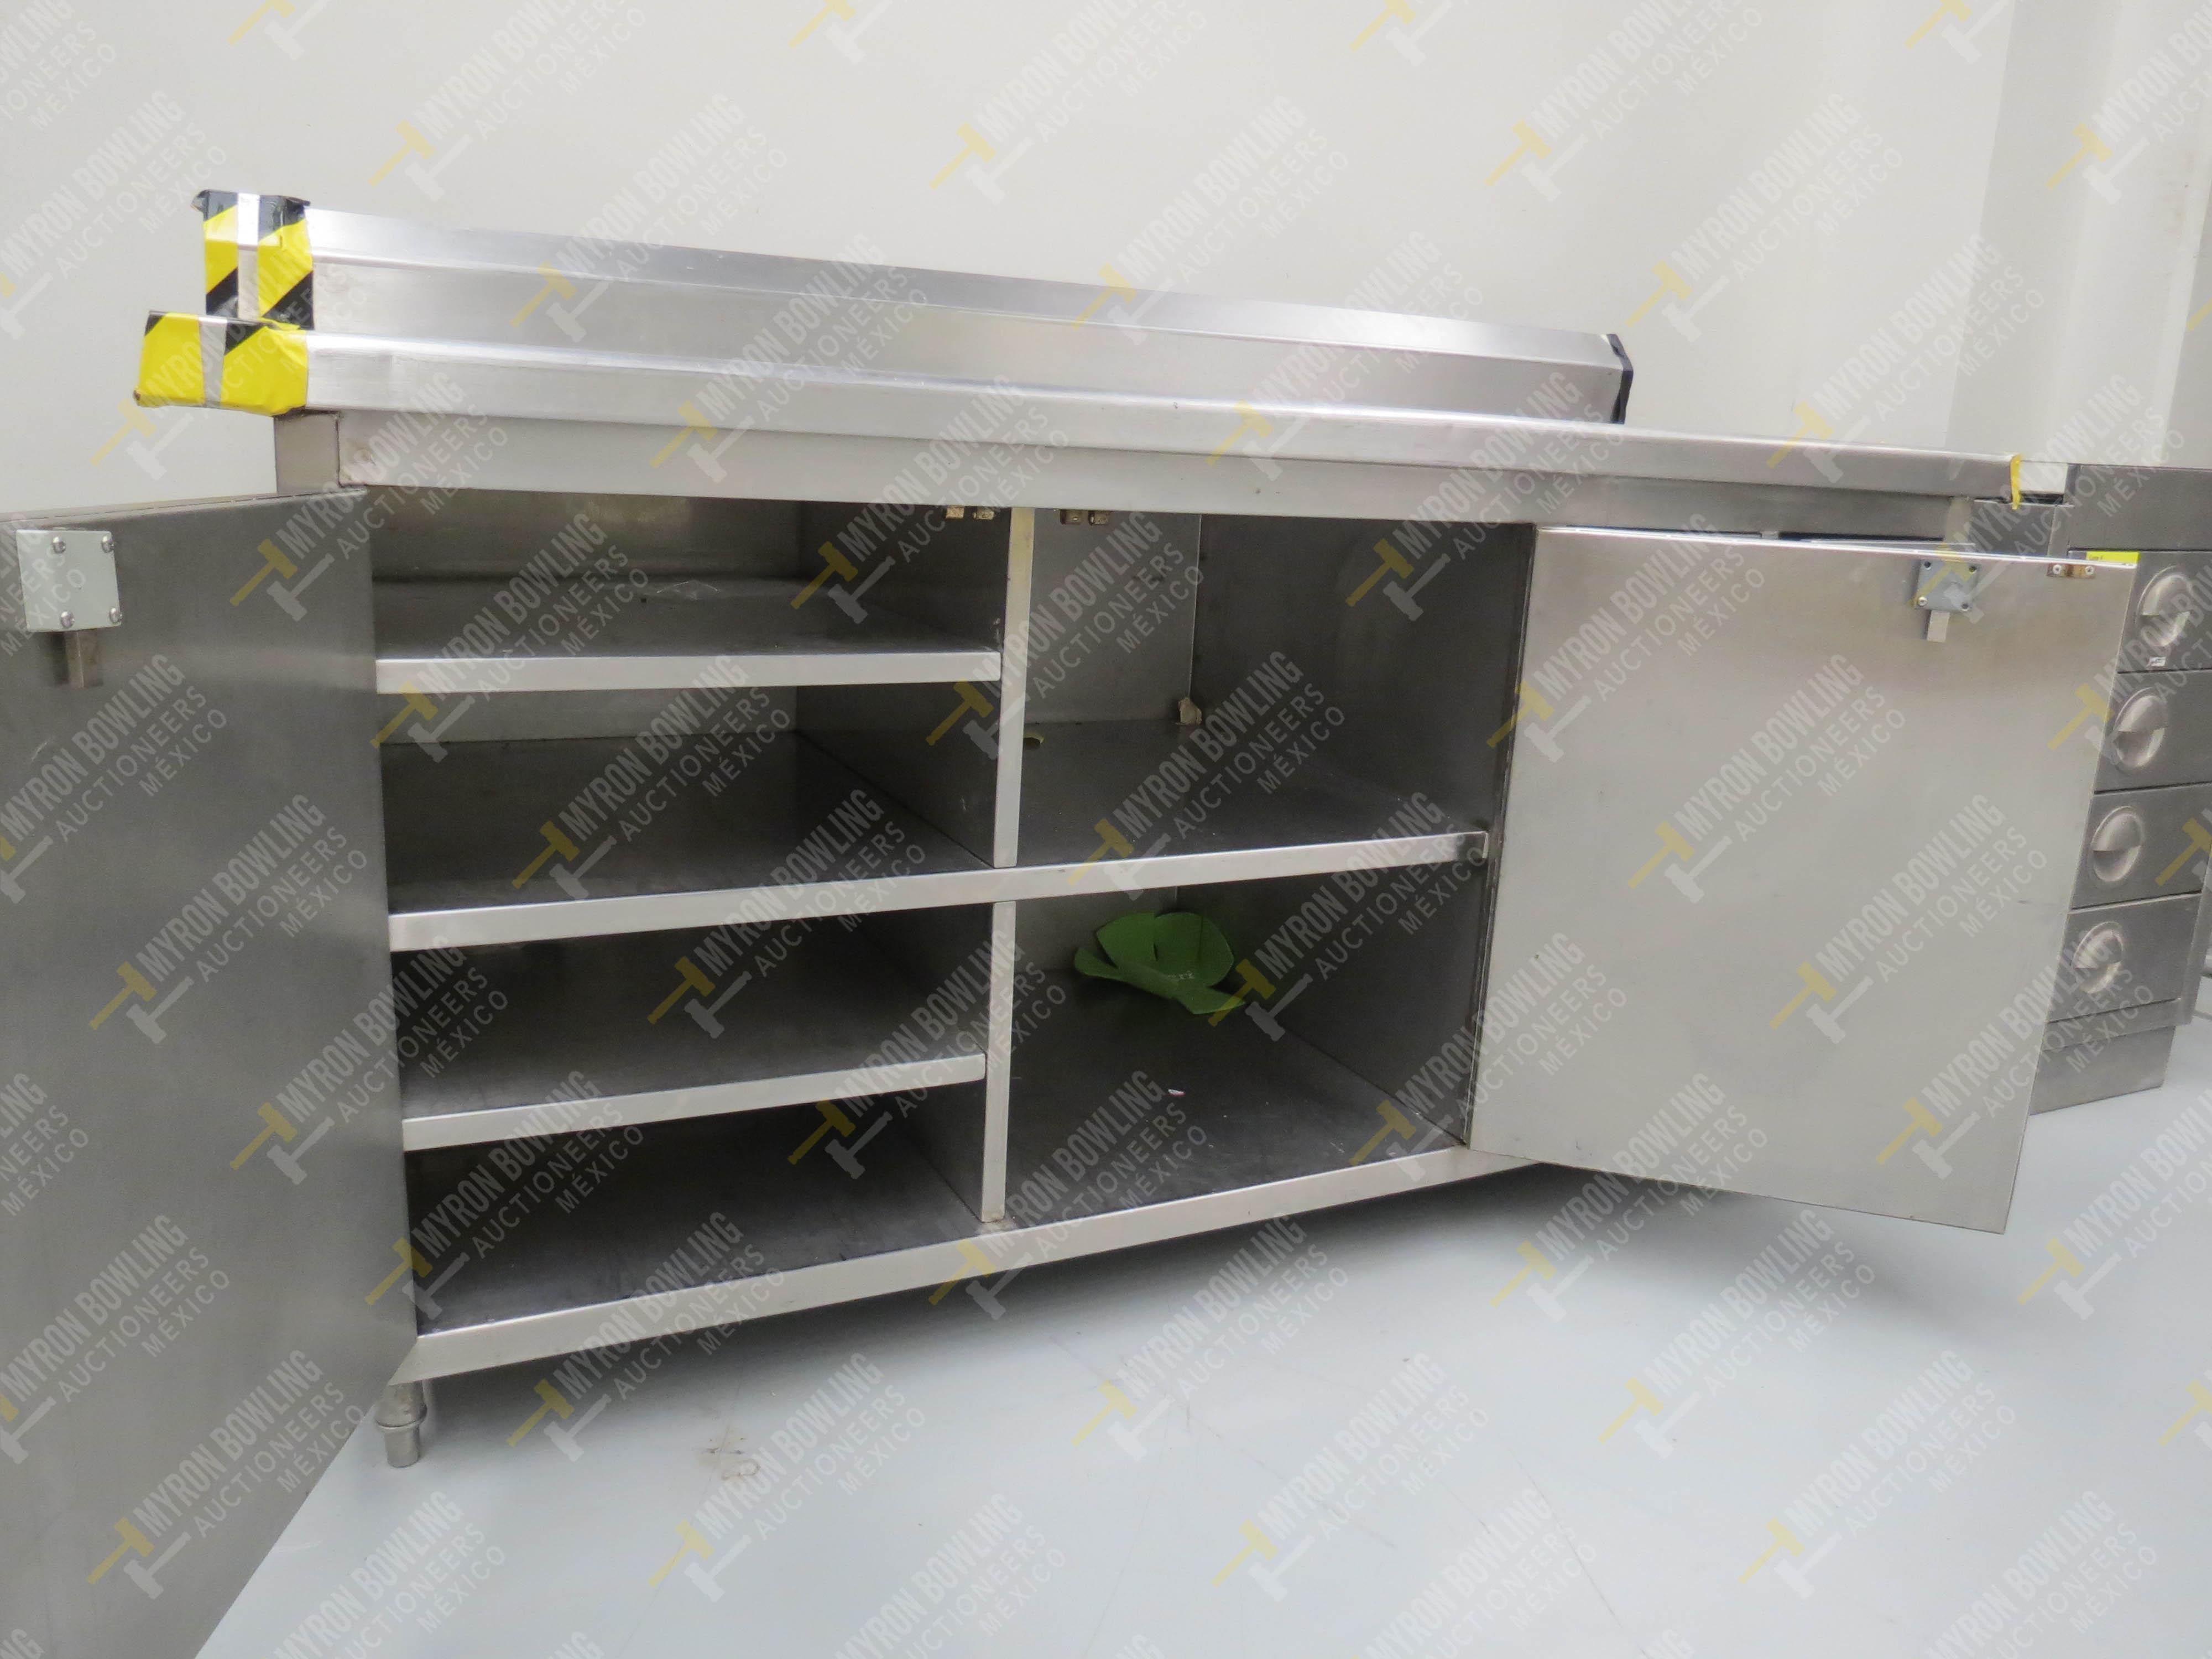 Estante en acero inoxidable con 4 cajones y dos puertas abatibles medidas 1.83 x .70 x .90 - Image 7 of 8